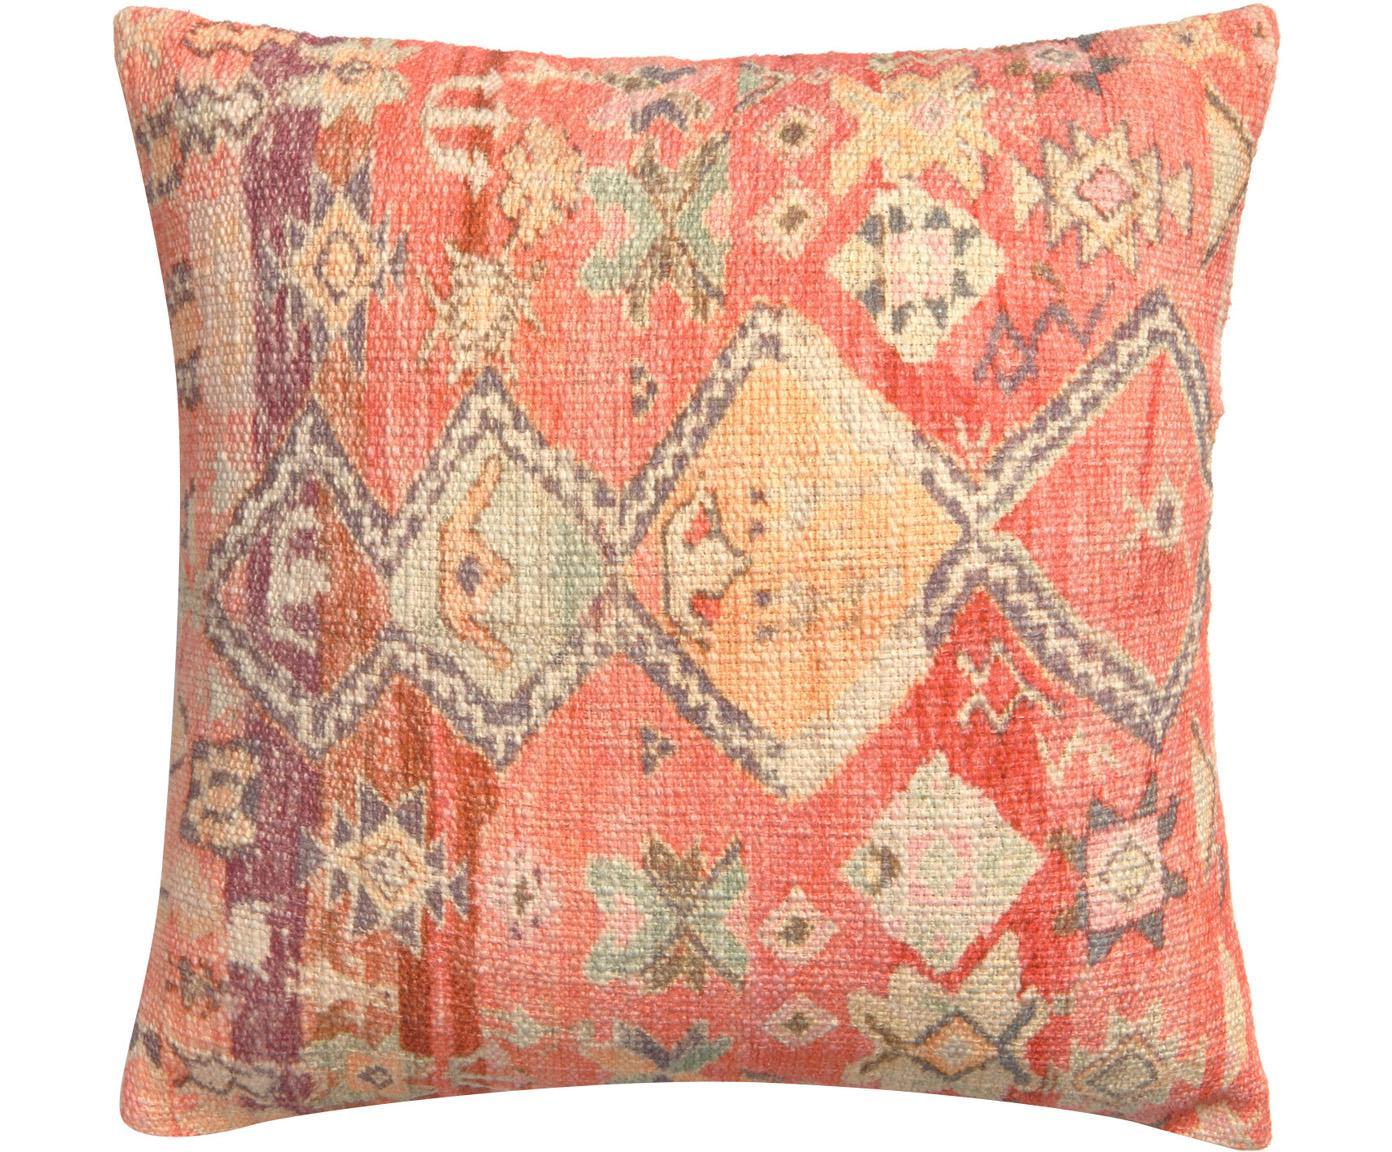 Kissenhülle Dasi mit Ethnomuster, 100% Baumwolle, Mehrfarbig, 45 x 45 cm